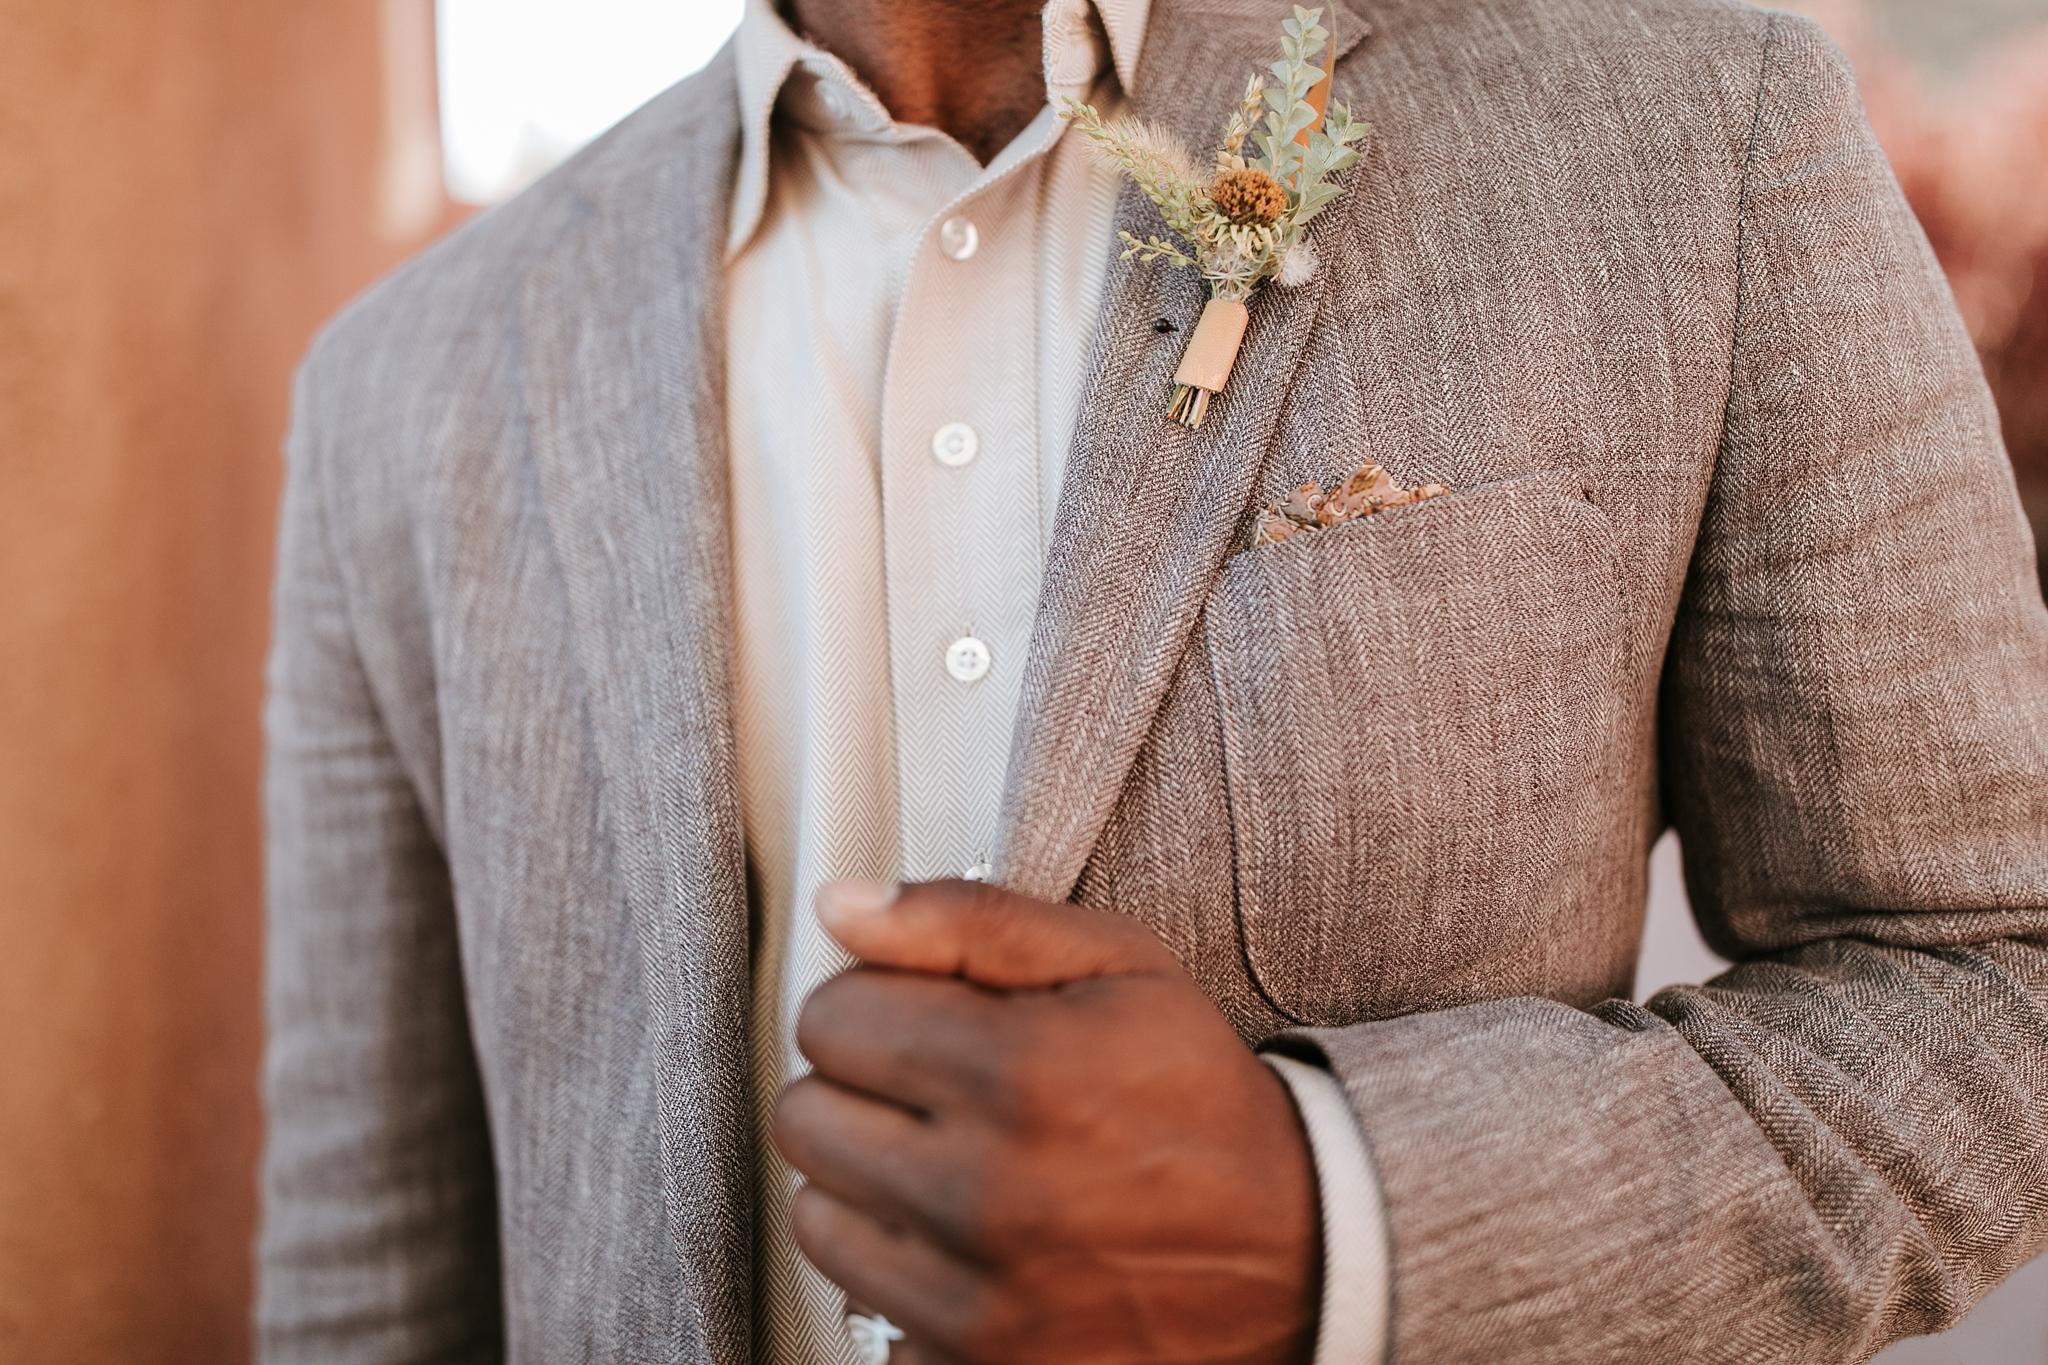 Alicia+lucia+photography+-+albuquerque+wedding+photographer+-+santa+fe+wedding+photography+-+new+mexico+wedding+photographer+-+new+mexico+wedding+-+new+mexico+wedding+-+wedding+florals+-+desert+wedding+-+wedding+trends_0057.jpg